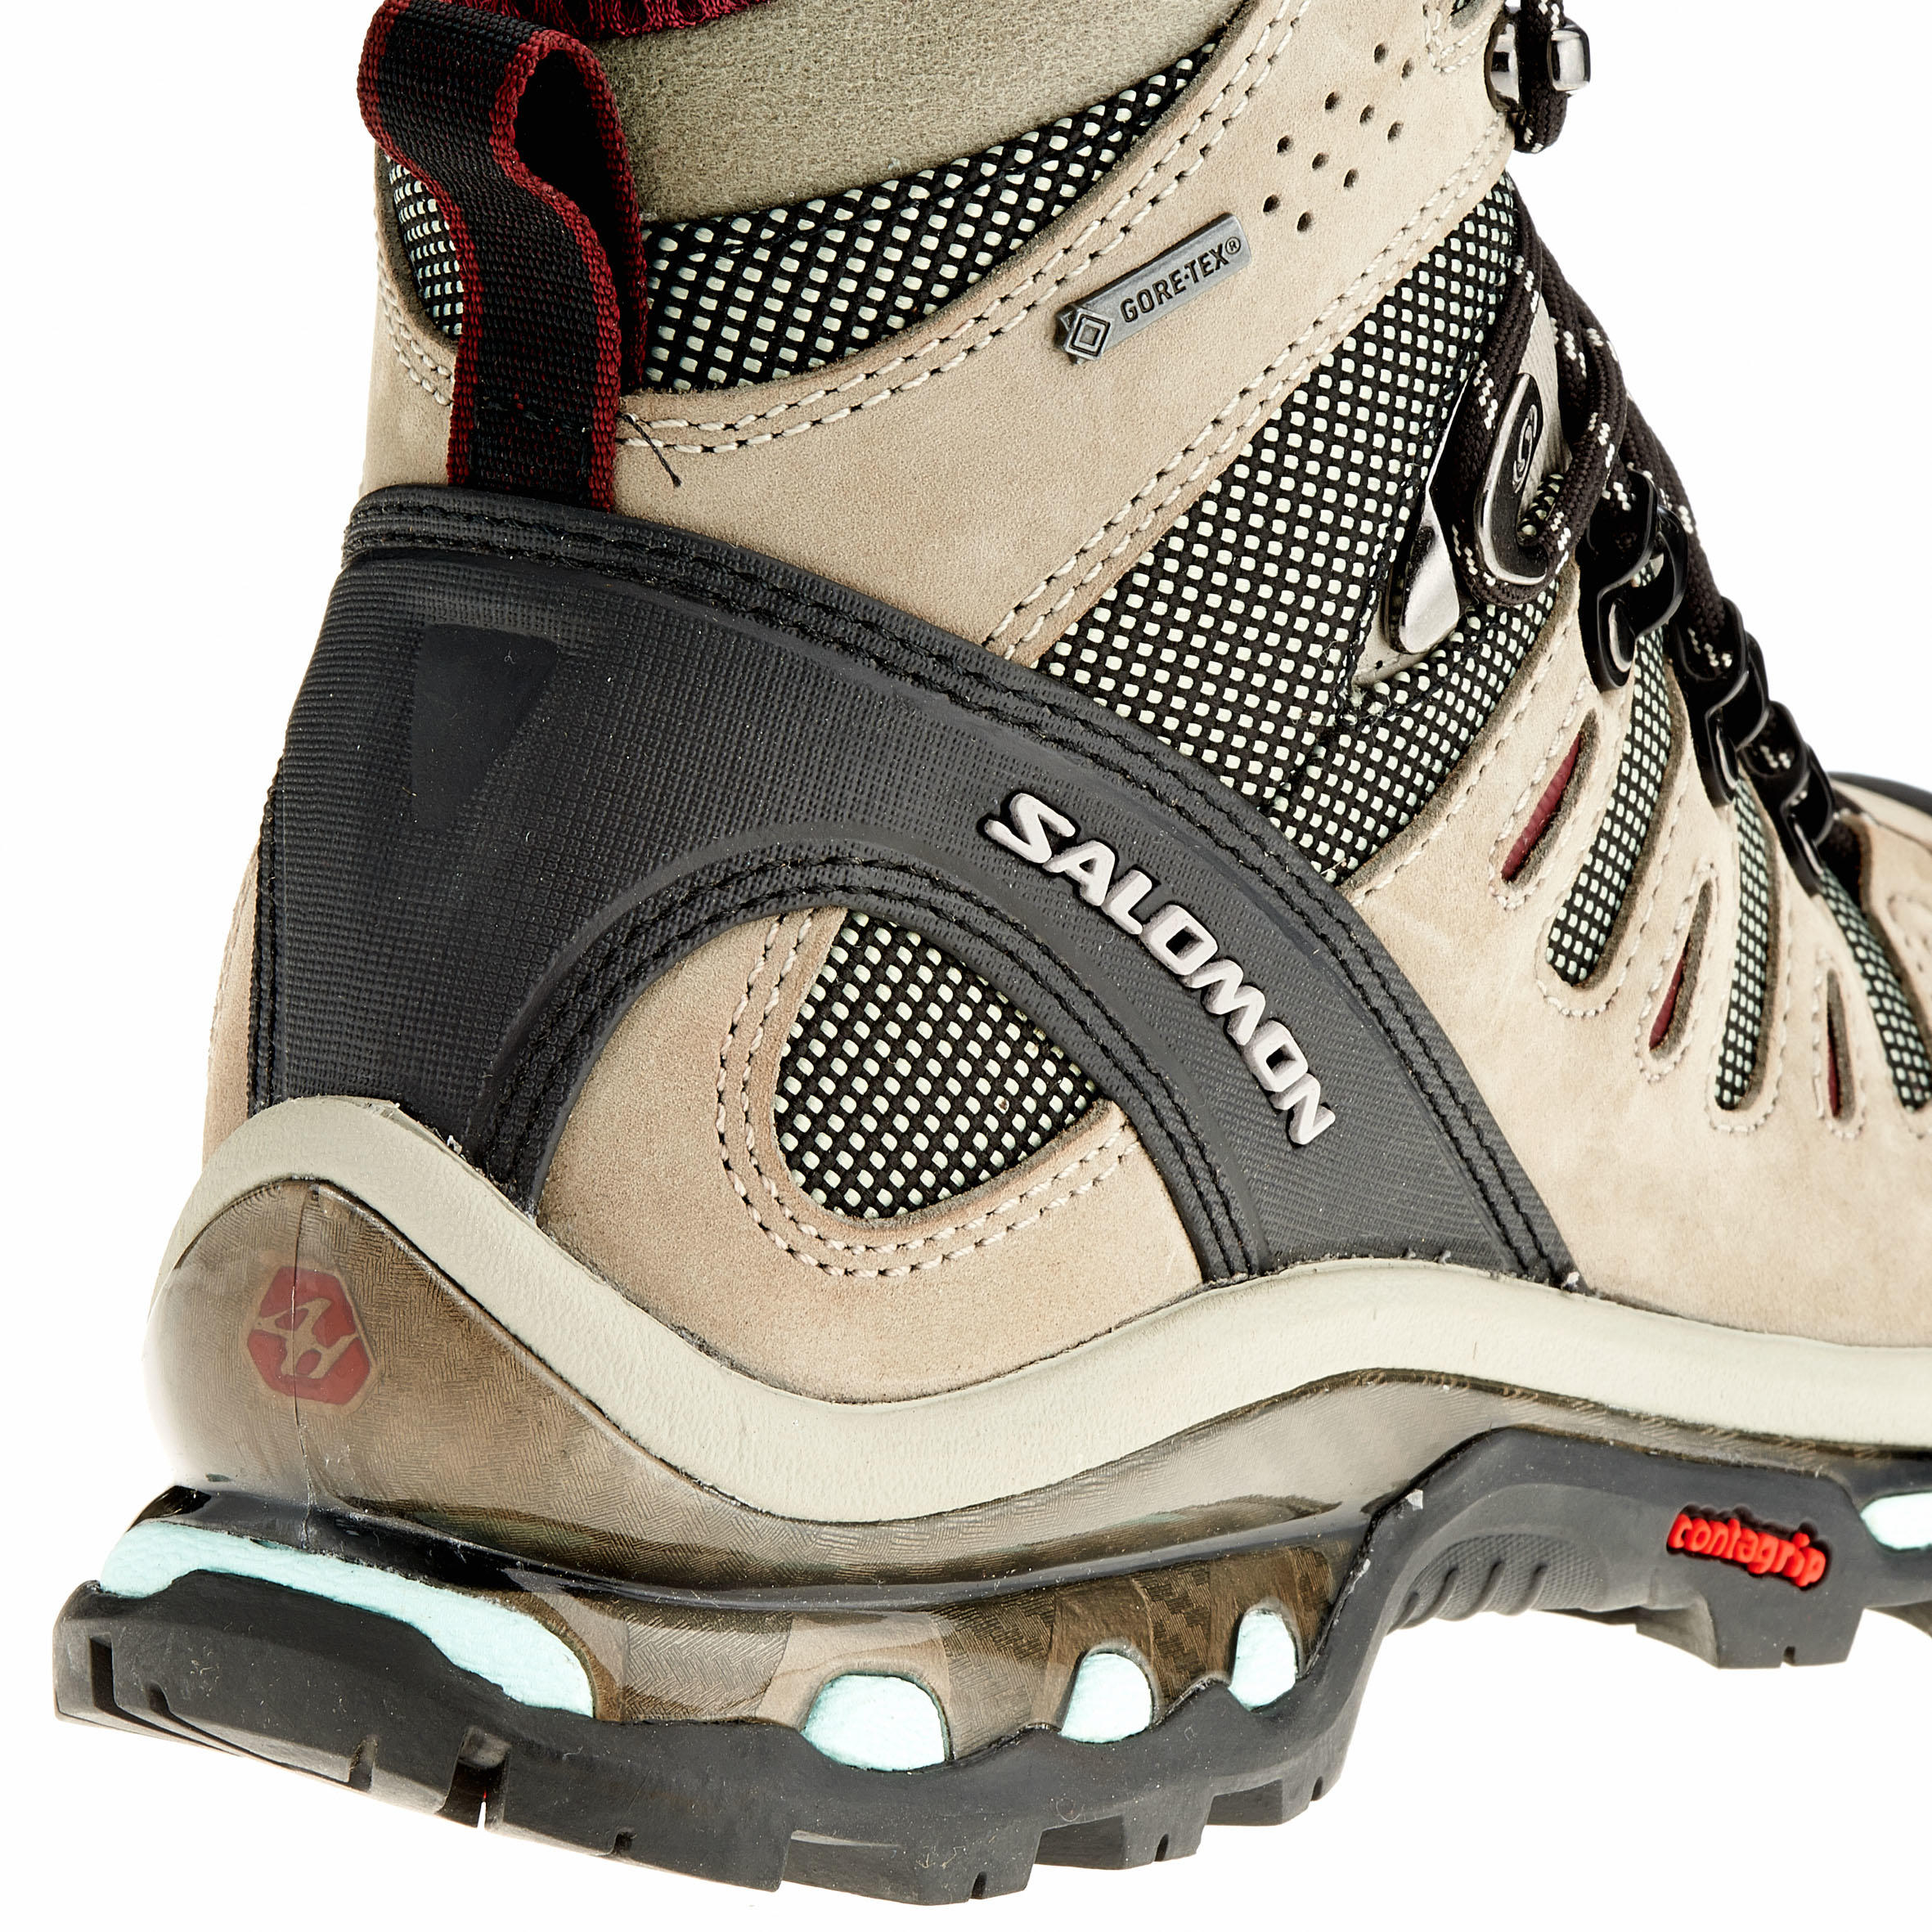 Tige Salomon Randonnée Femme Haute Chaussures Tex Quest Gore De 4d T3lFKJc1